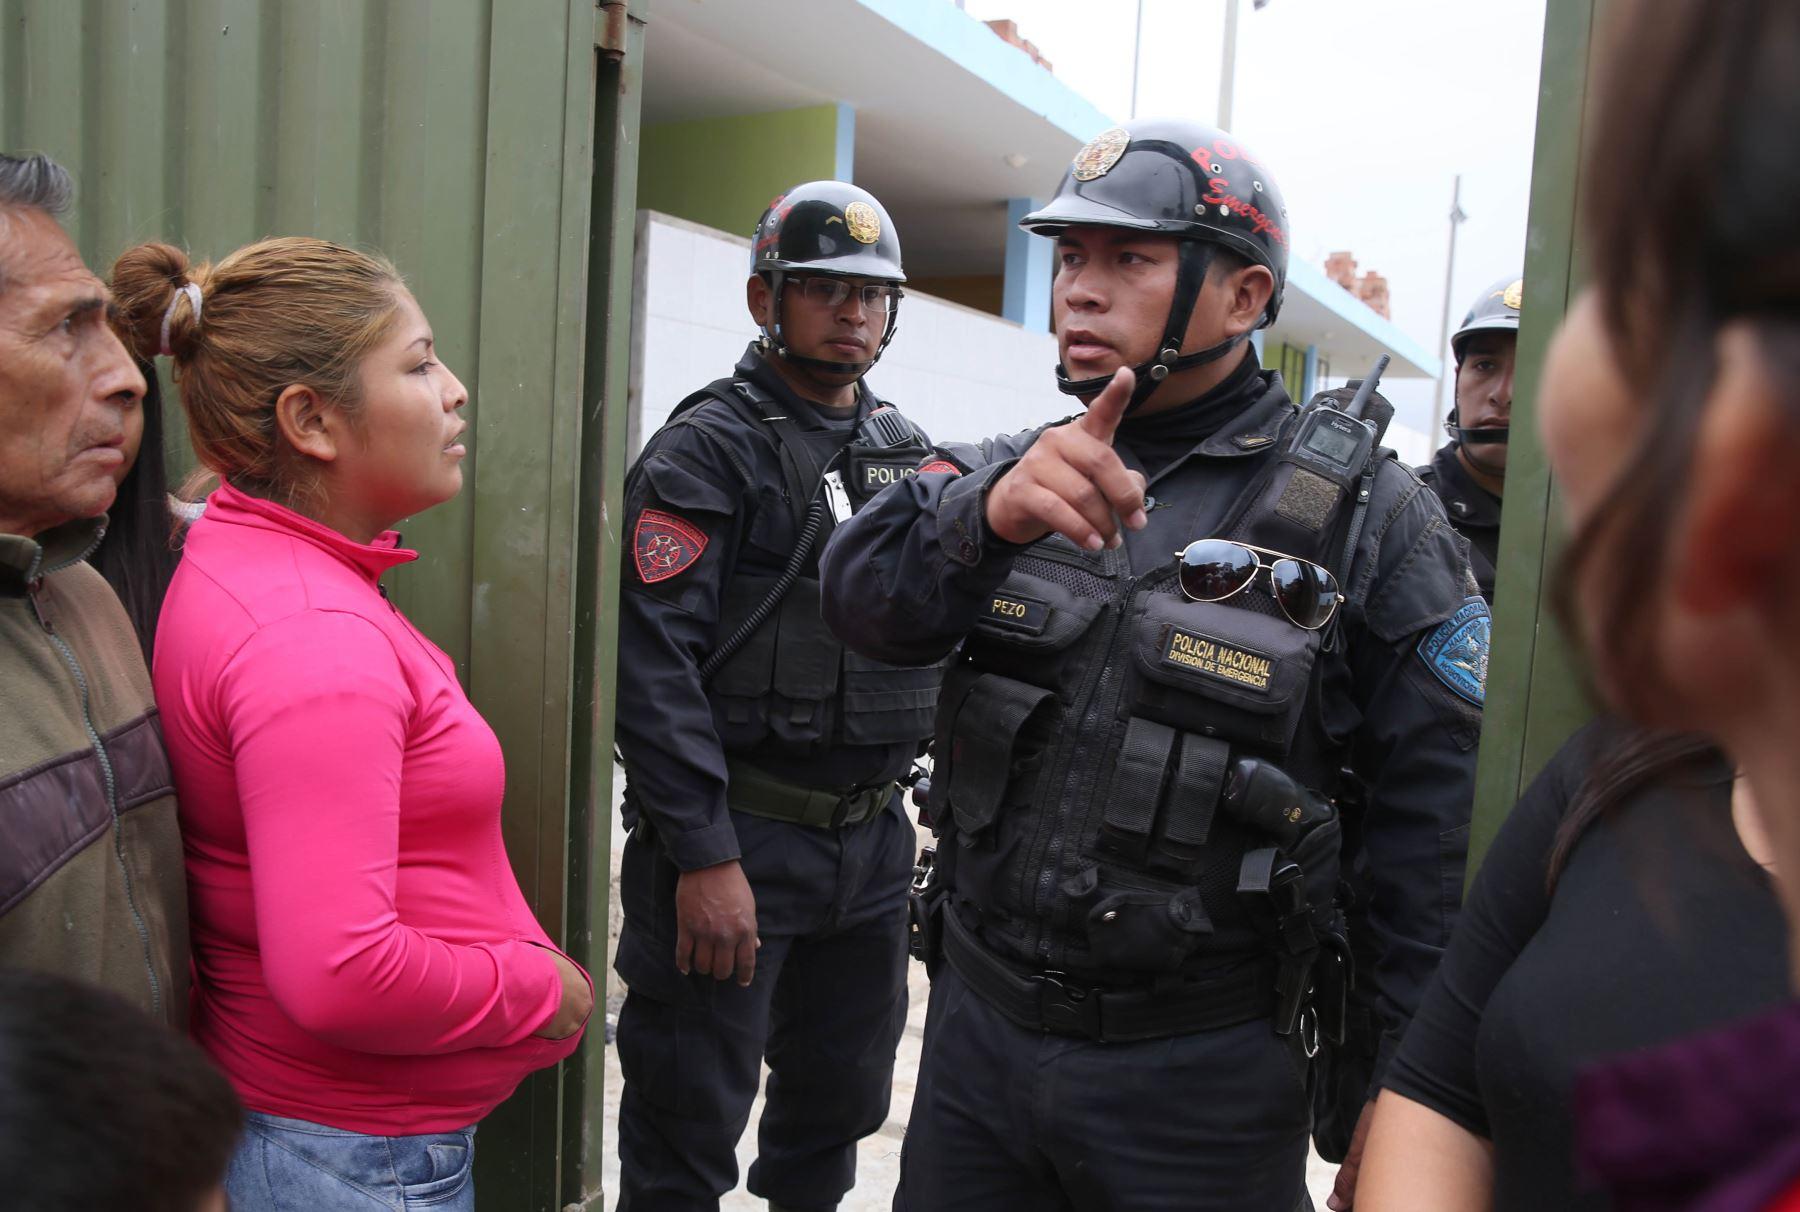 Efectivos de la PNP custodiarán a colegios públicos y privados de San Juan de Lurigancho. ANDINA/Oscar Farje